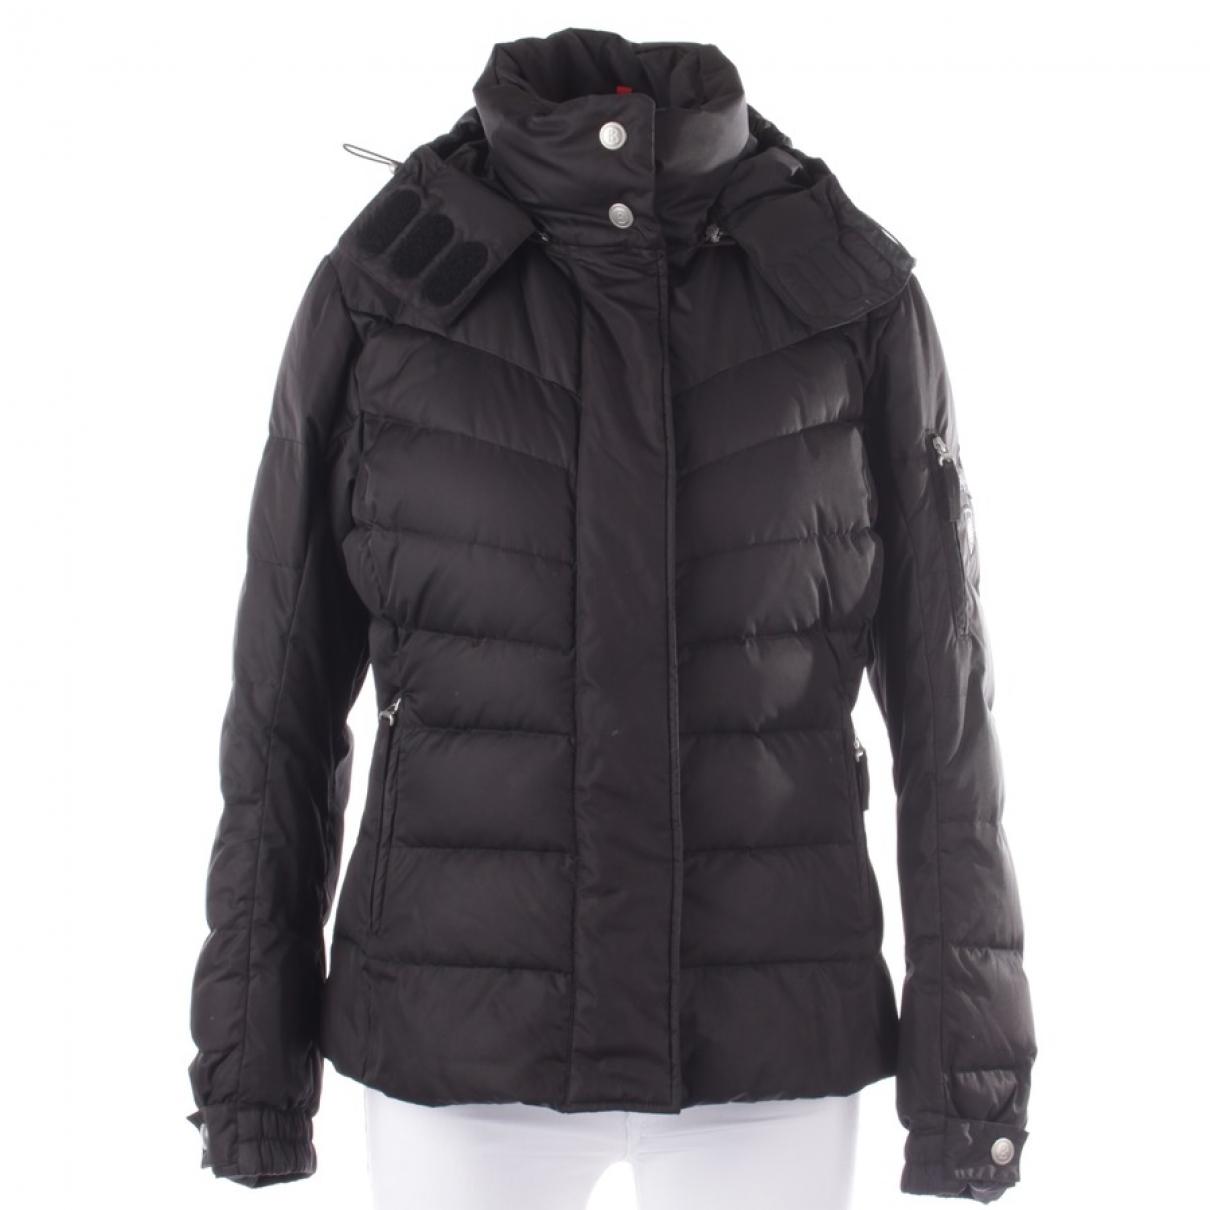 Bogner \N Black coat for Women M International